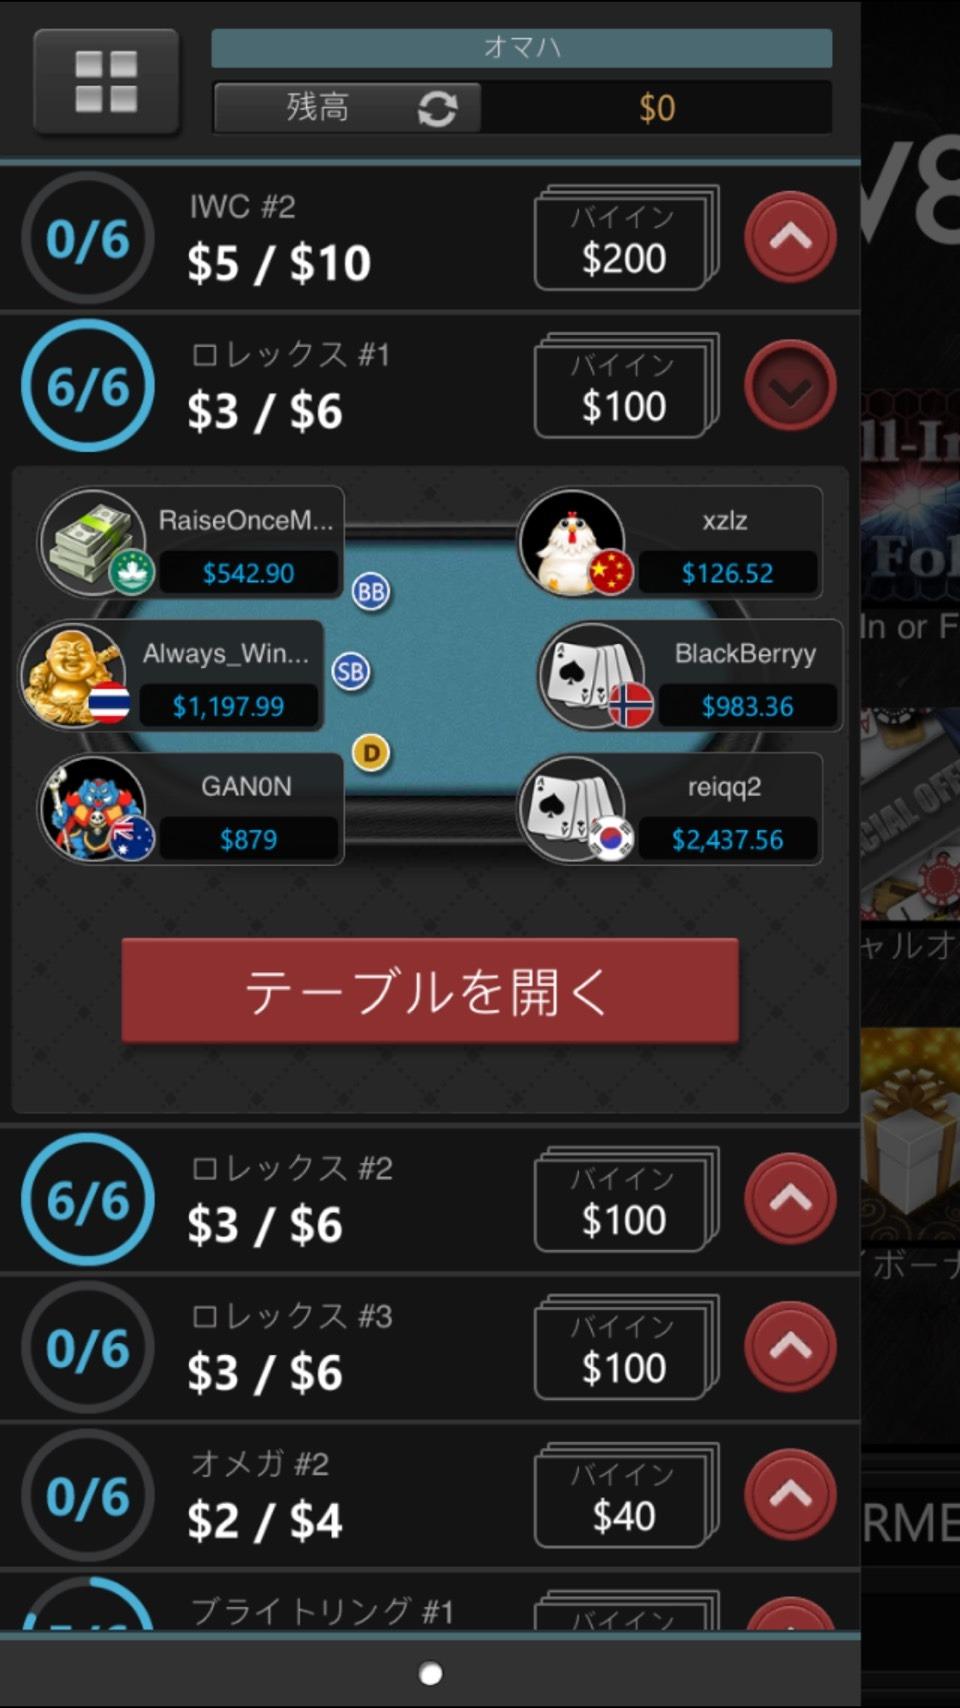 W88カジノのオンラインポーカーの画面